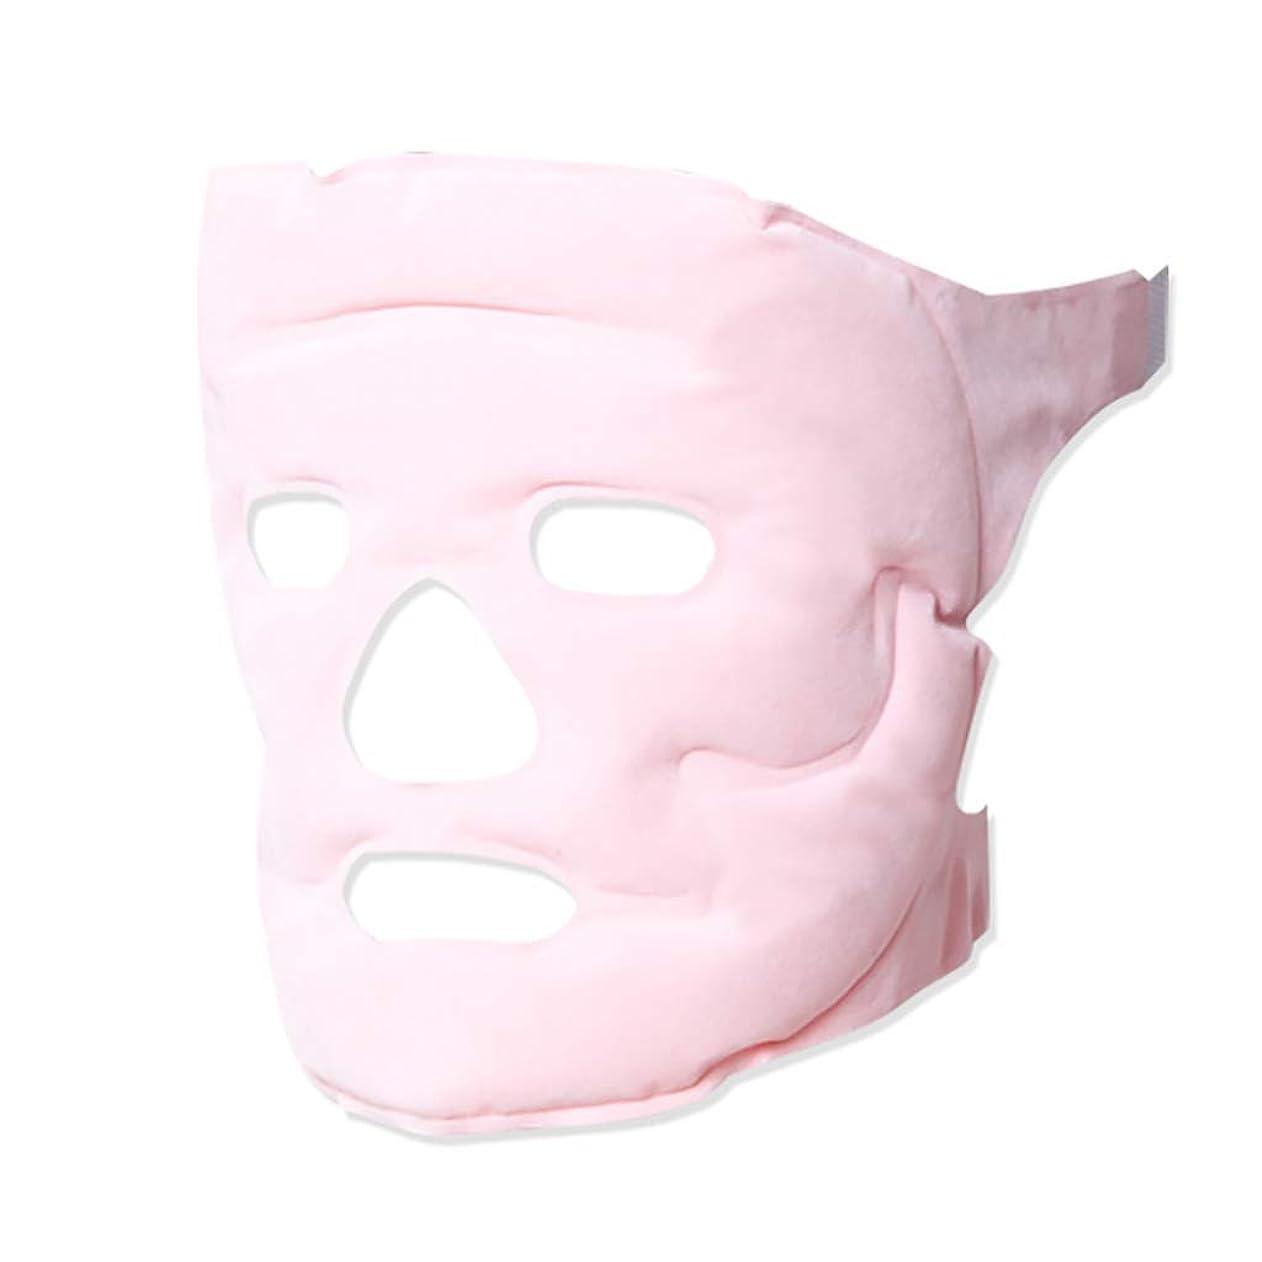 対話リースコジオスコvフェイスマスク睡眠薄い顔で美容マスク磁気療法リフティングフェイシャル引き締め判決パターン包帯アーティファクトピンク